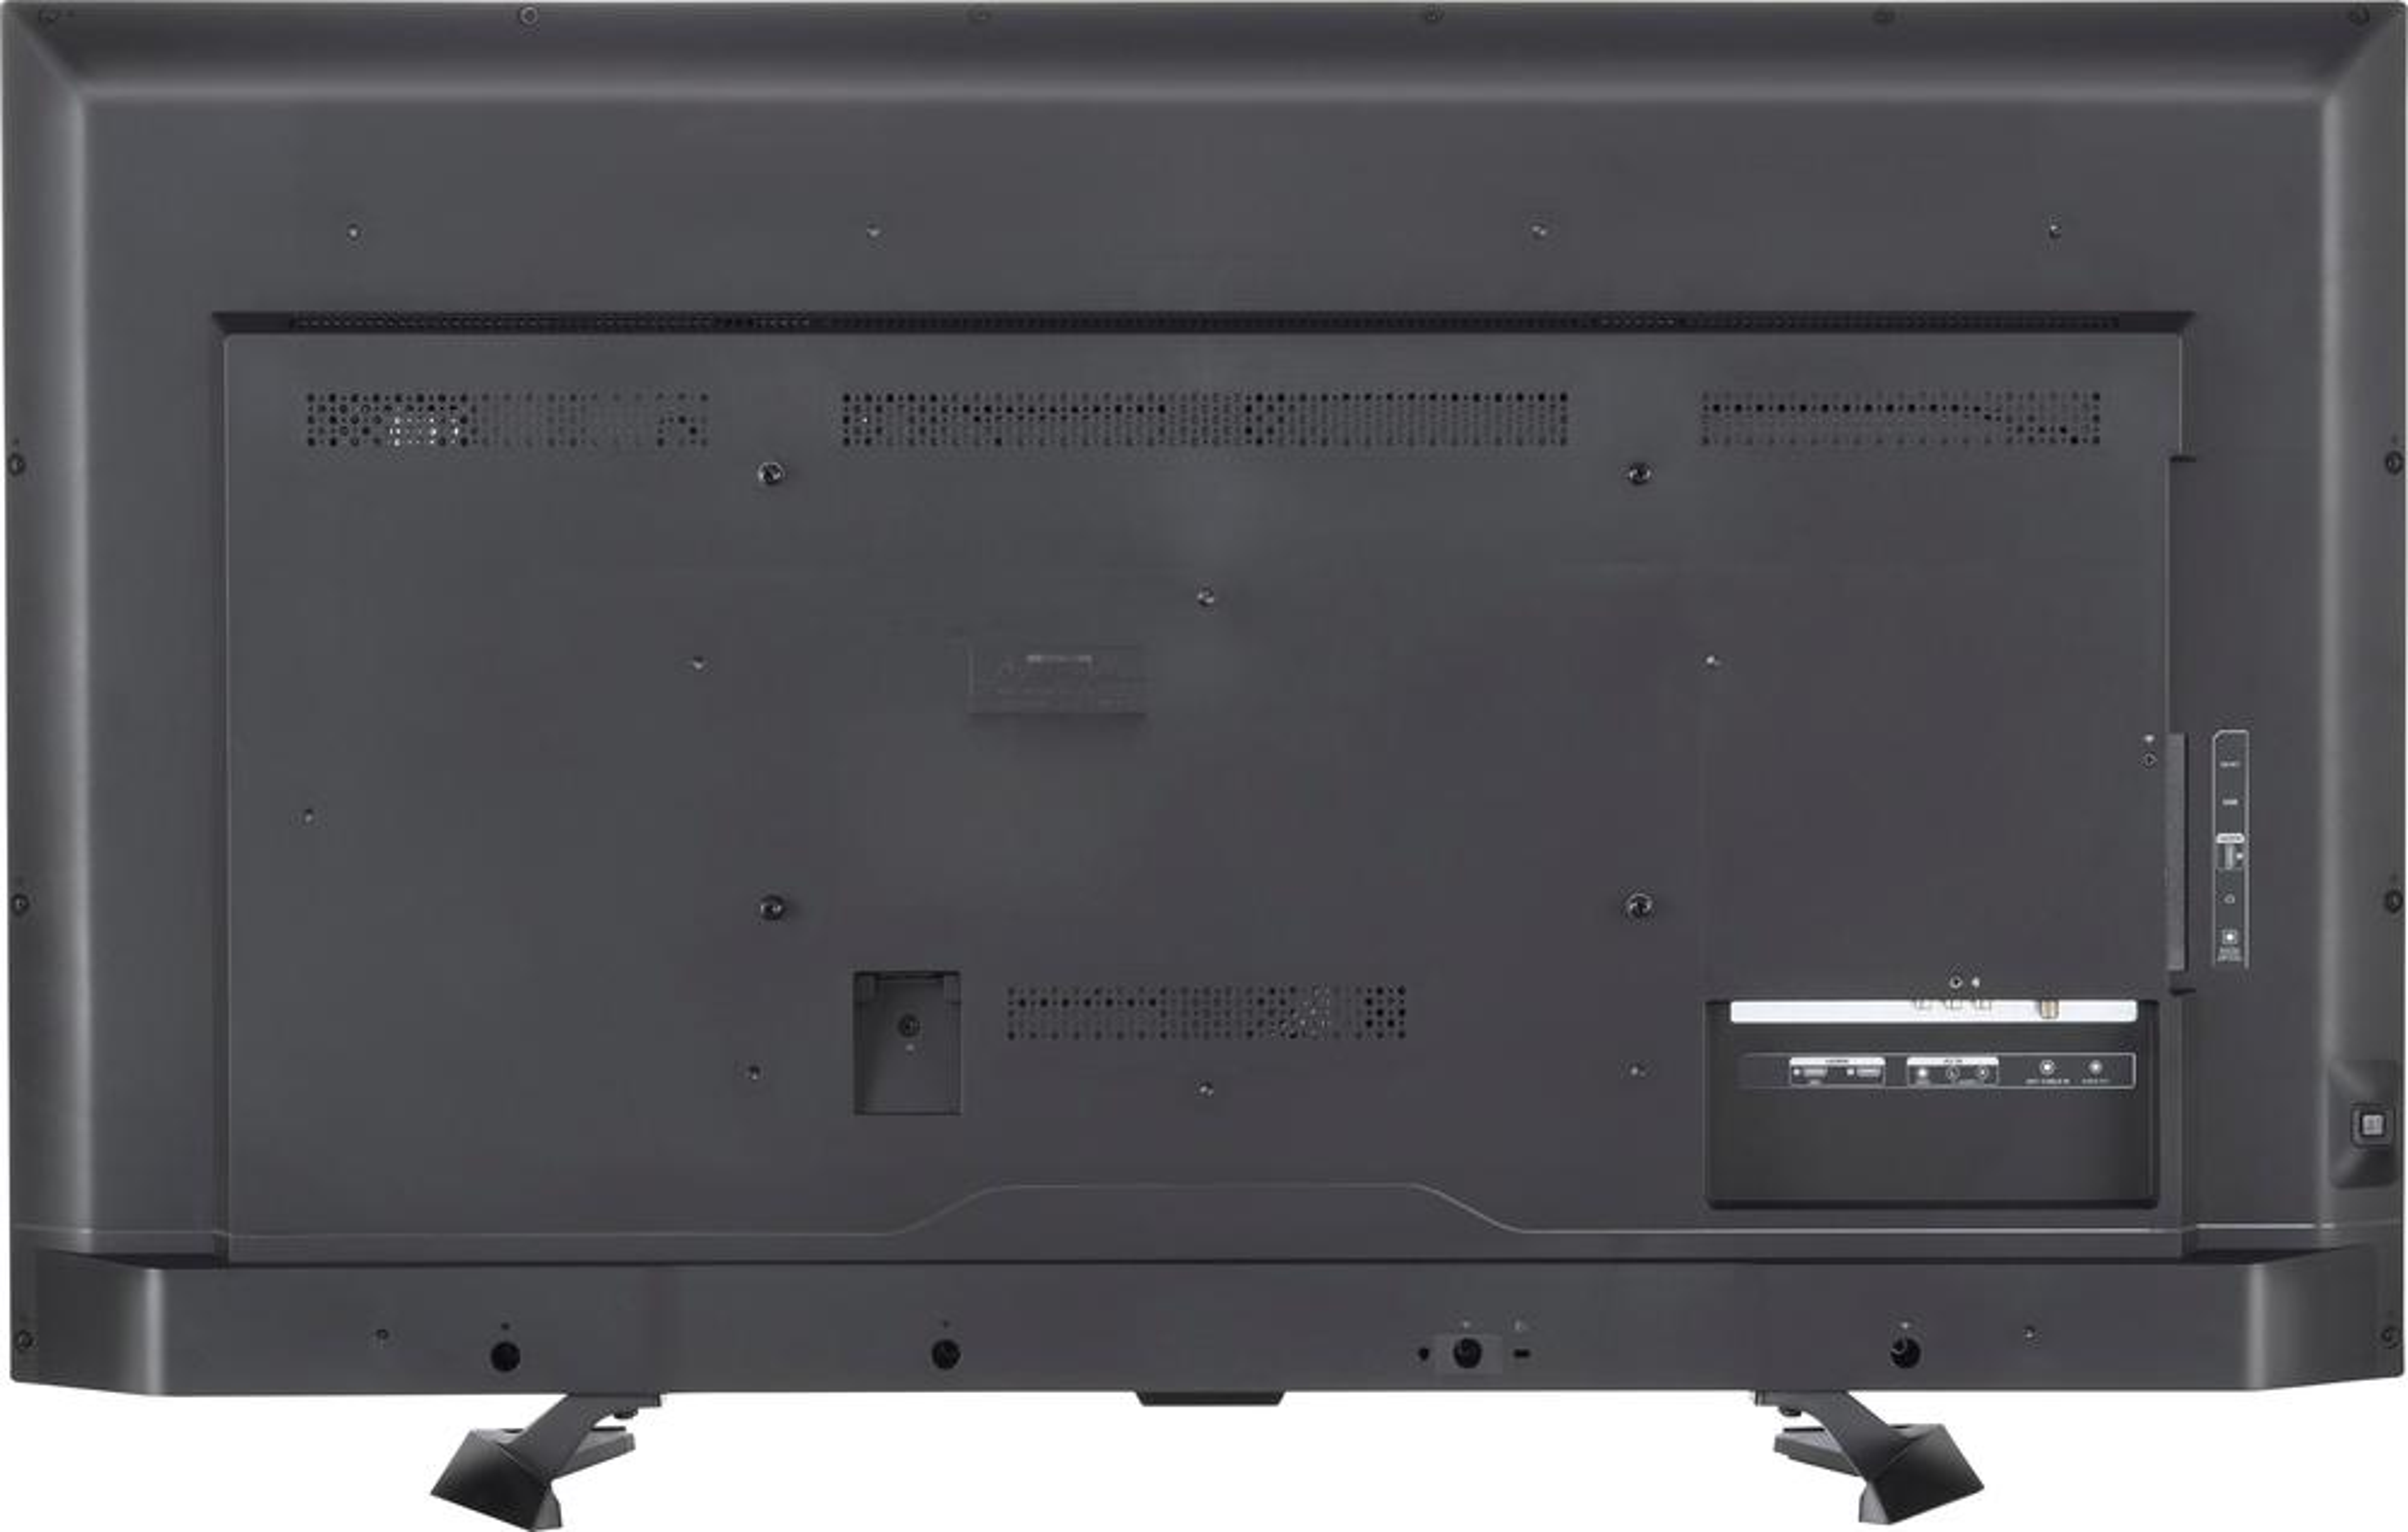 lg 47 class led 1080p smart hdtv